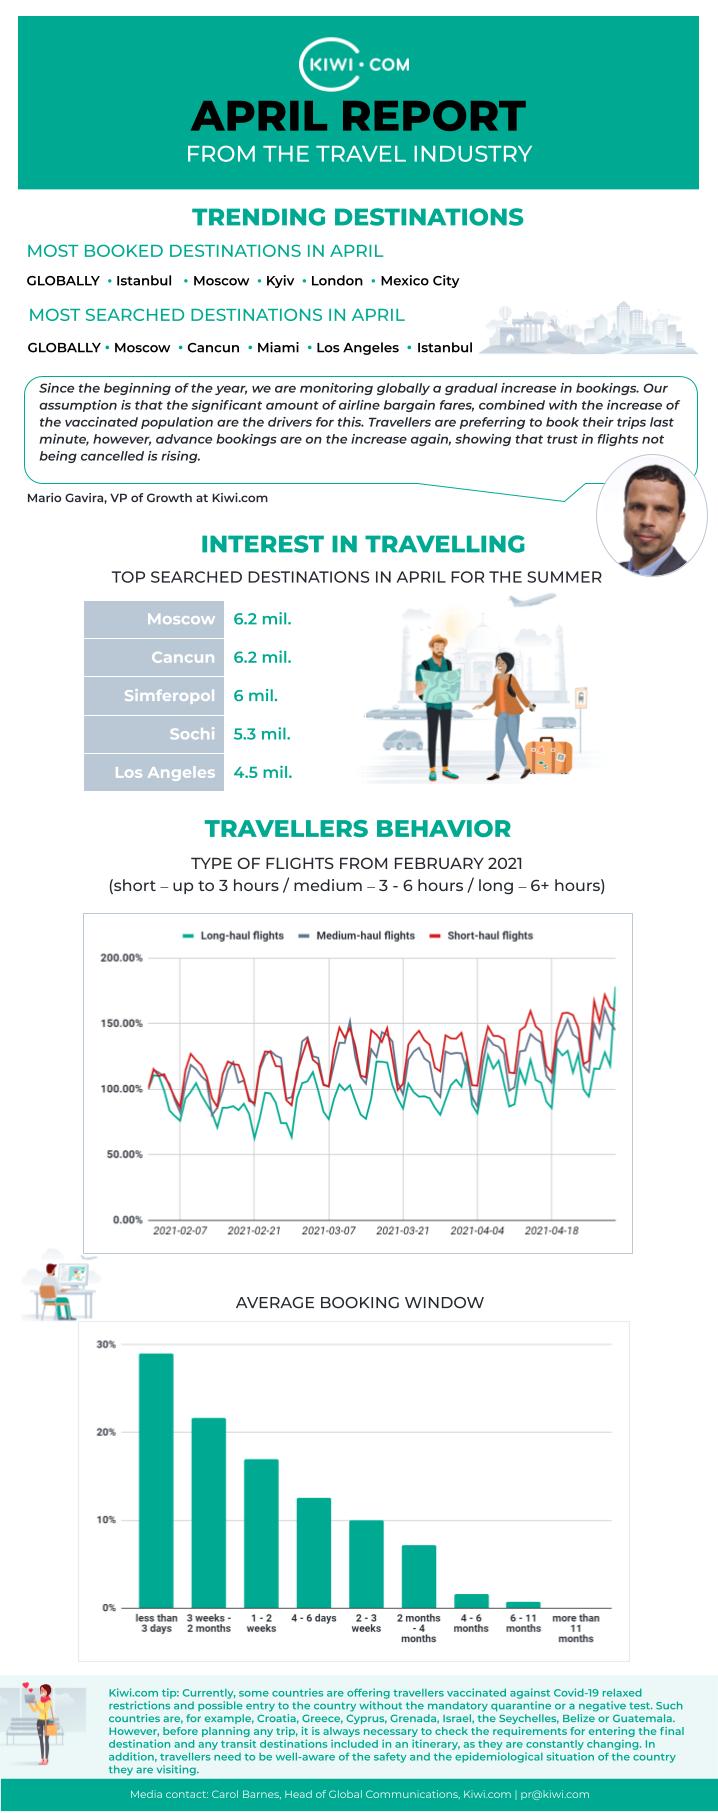 Kiwi.com April travel report